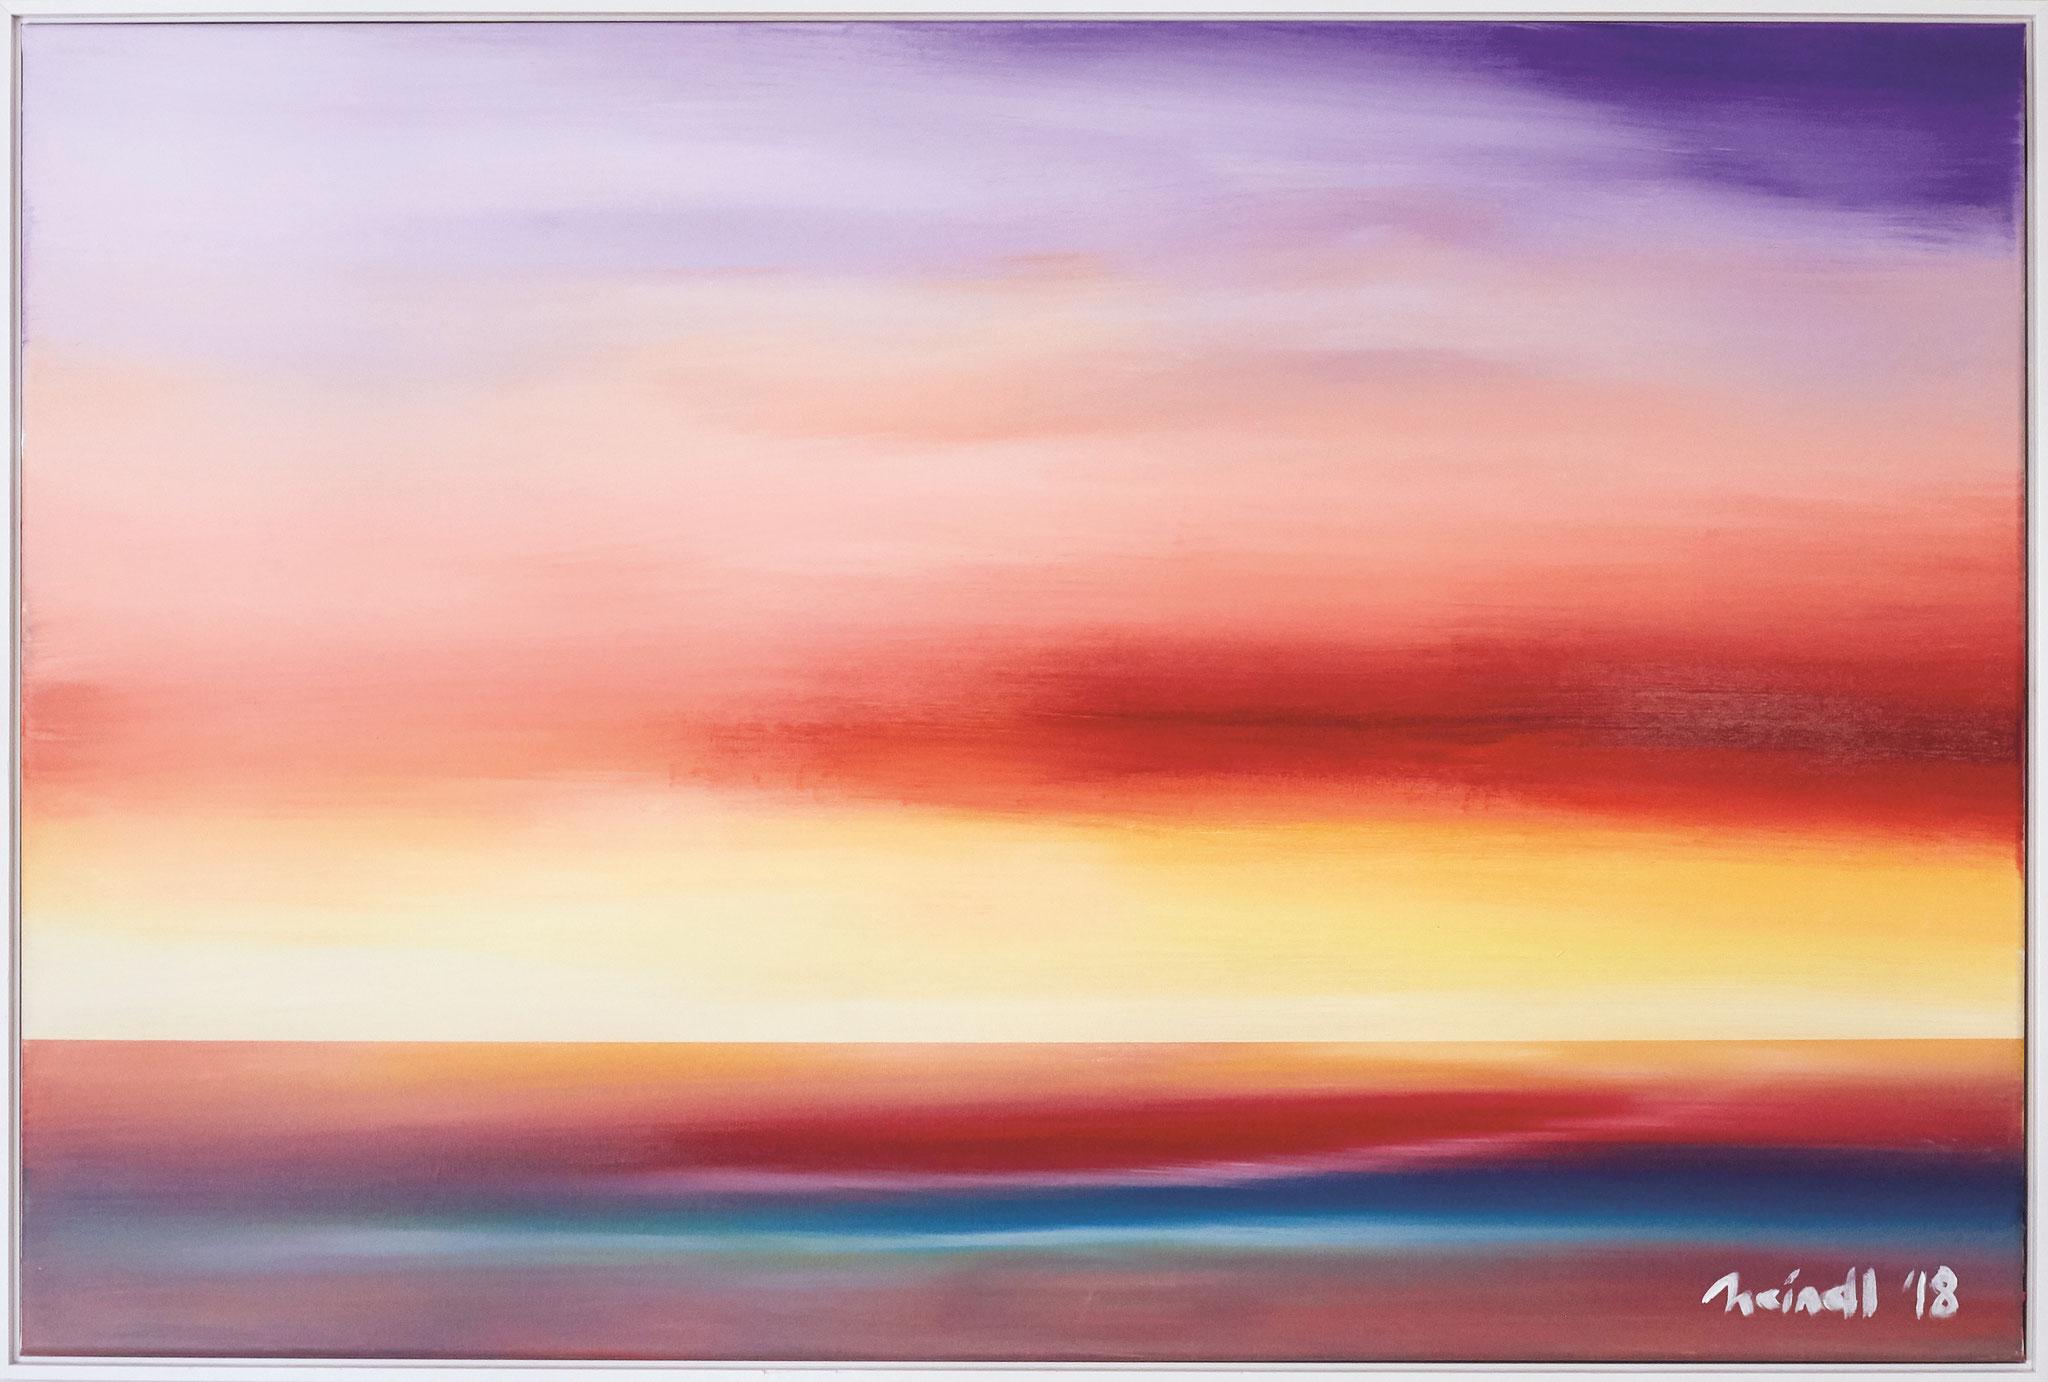 ›Bright Cloud‹, Acryl auf Leinwand, 120 x 80 cm, 2018